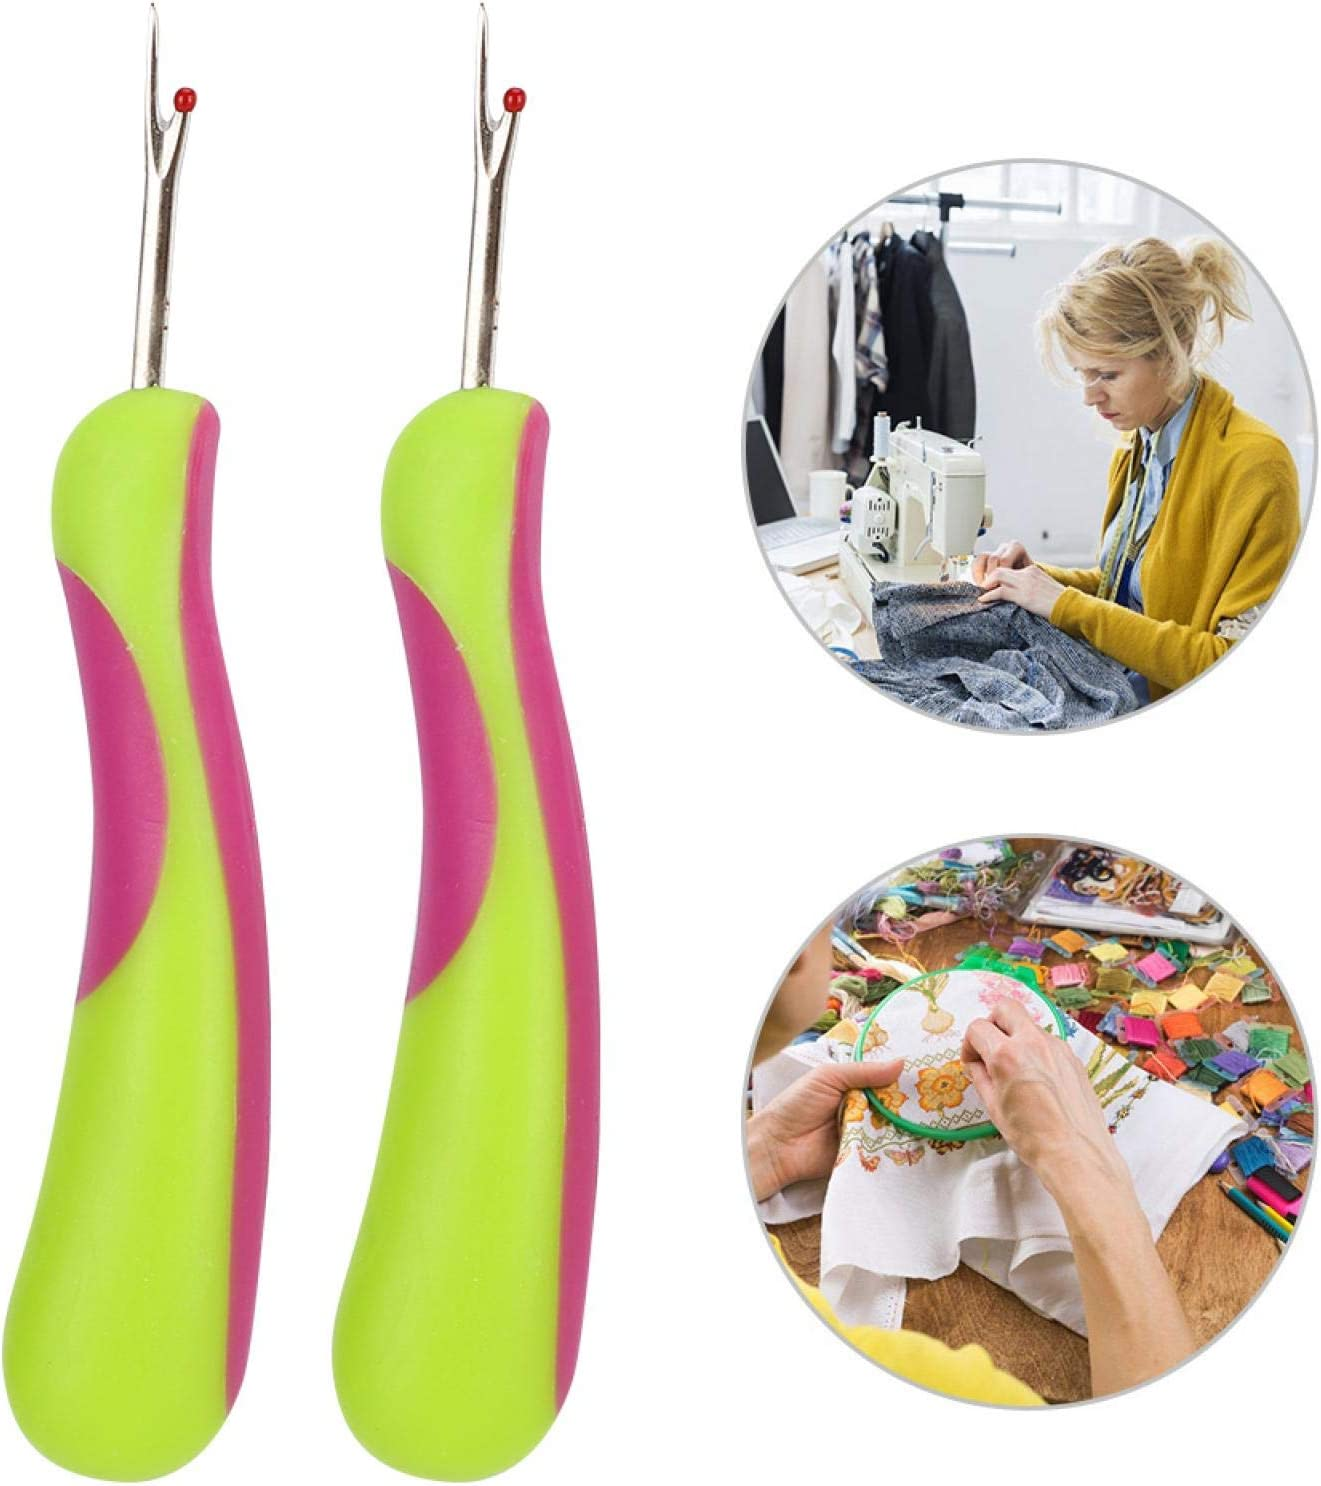 para Coser Textiles y Punto de Cruz 2 Piezas de deshilo desgarradores de Costura SALUTUYA Costuras c/ómodas y r/ápidas para rasgar